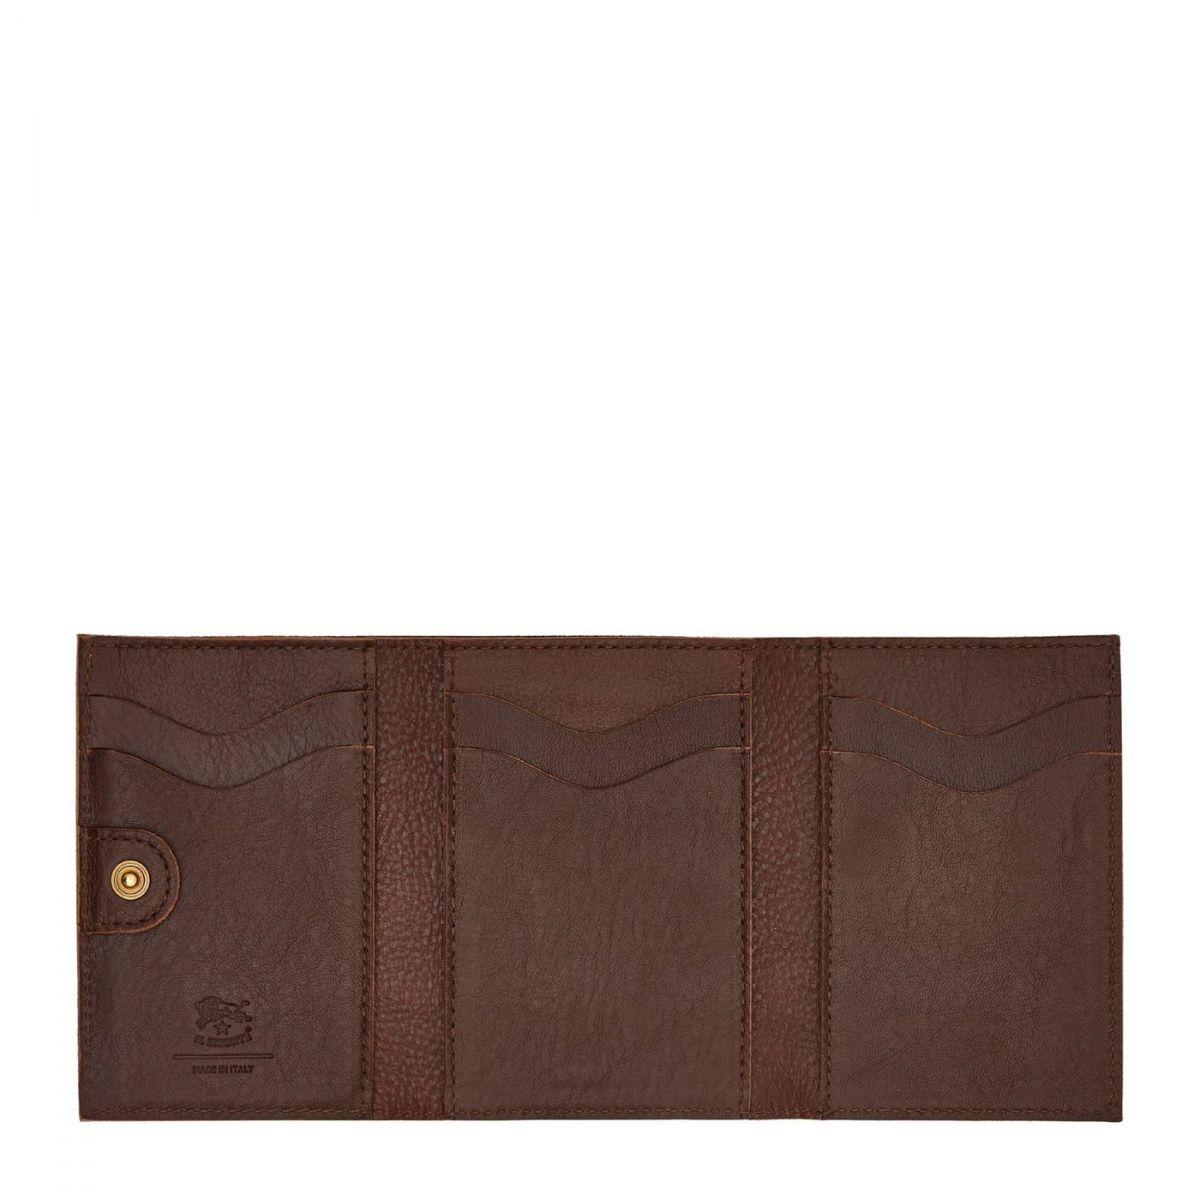 Portefeuille pour Femme  en Cuir De Vachette SMW098 couleur Brun | Details